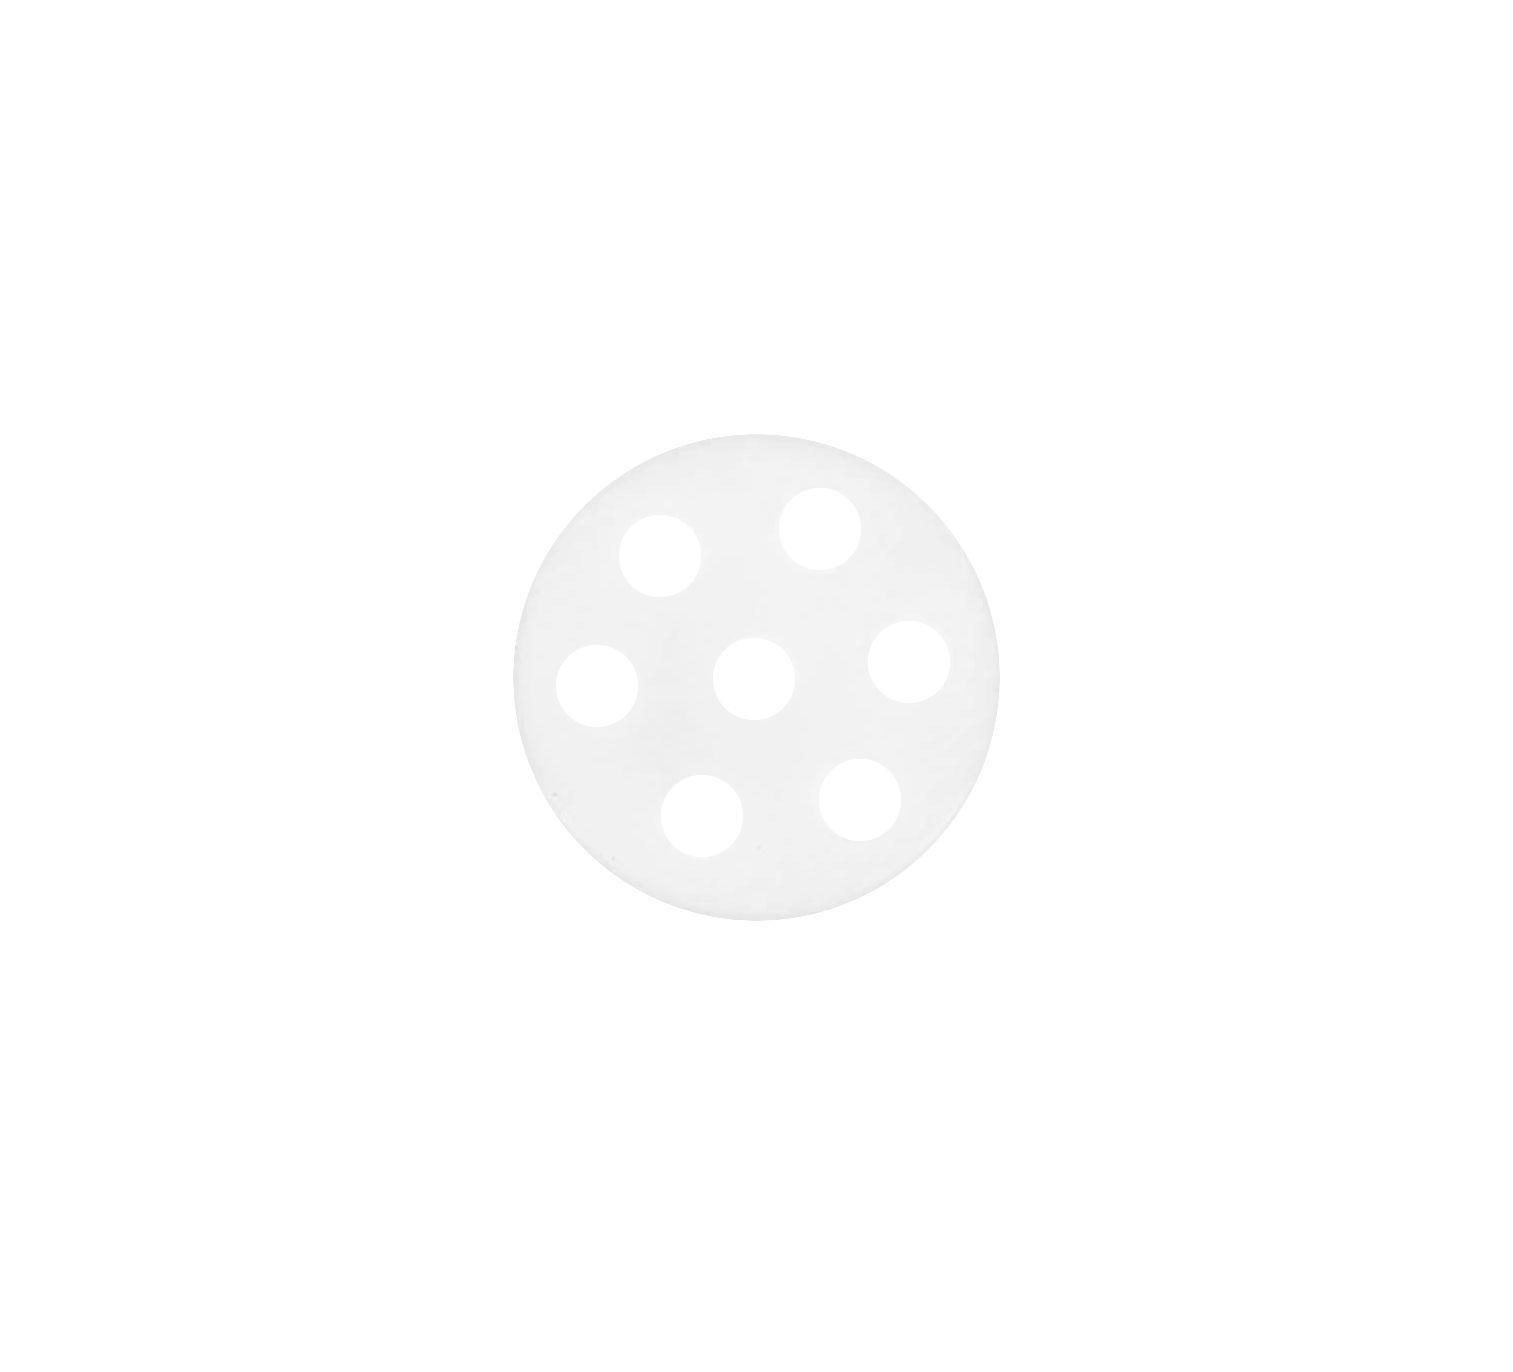 POTES DE VIDRO DE 100ML PARA TEMPEROS E CONDIMENTOS COM TAMPA E BATOQUE – KIT COM 10 UNIDADES